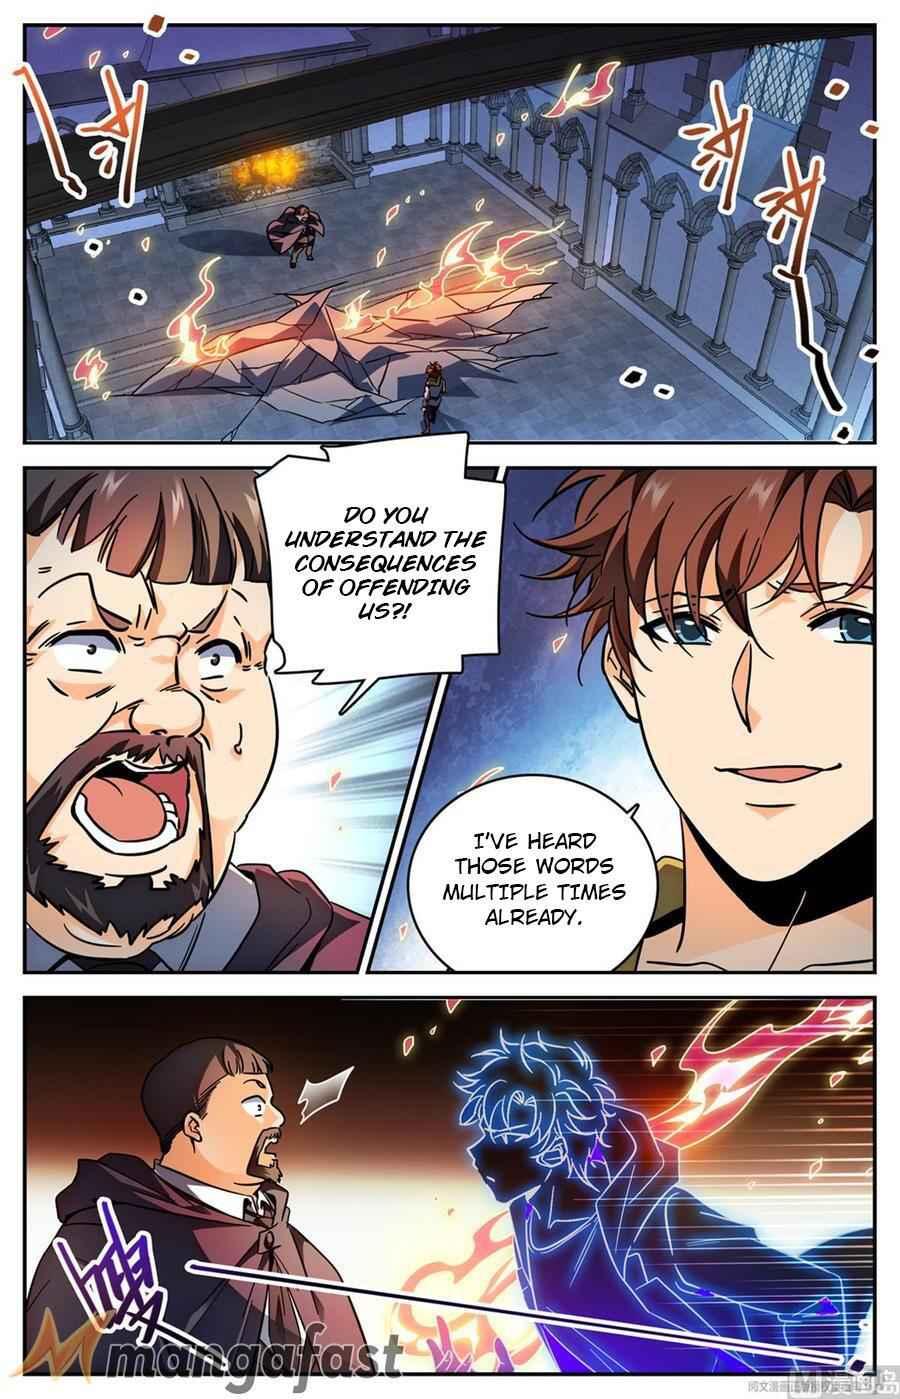 Versatile Mage - chapter 566-eng-li